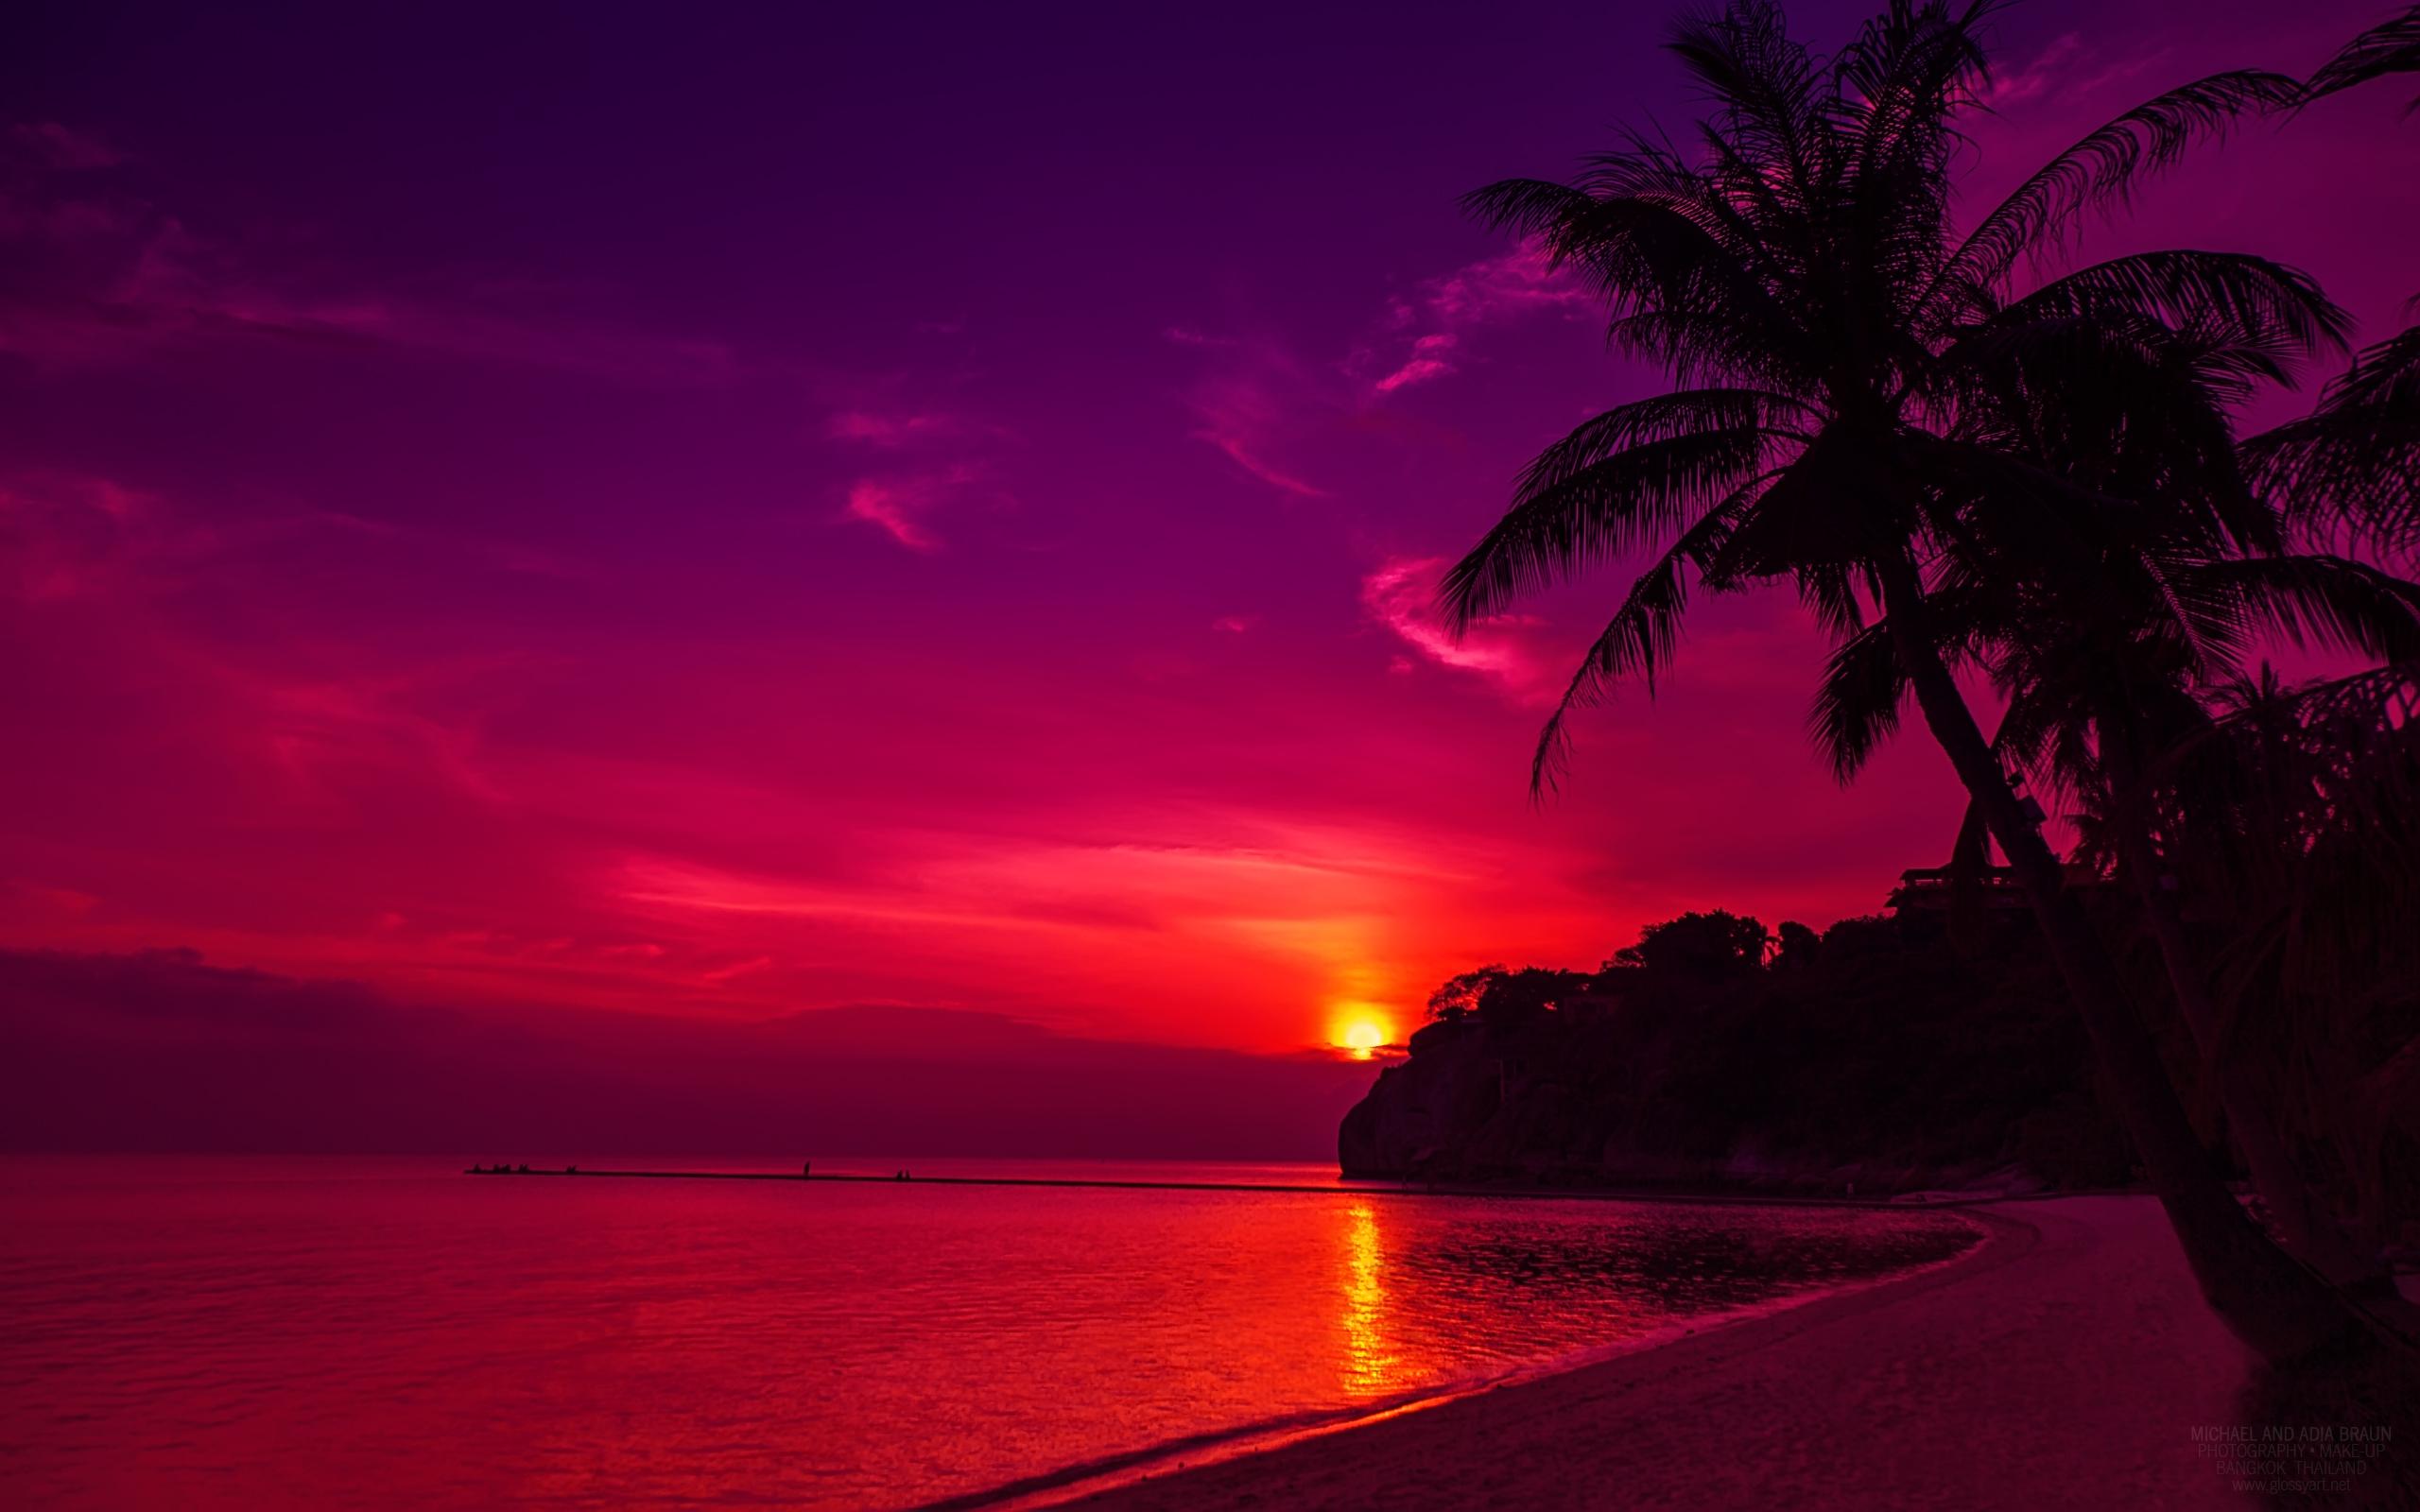 Summer Sunset Wallpapers